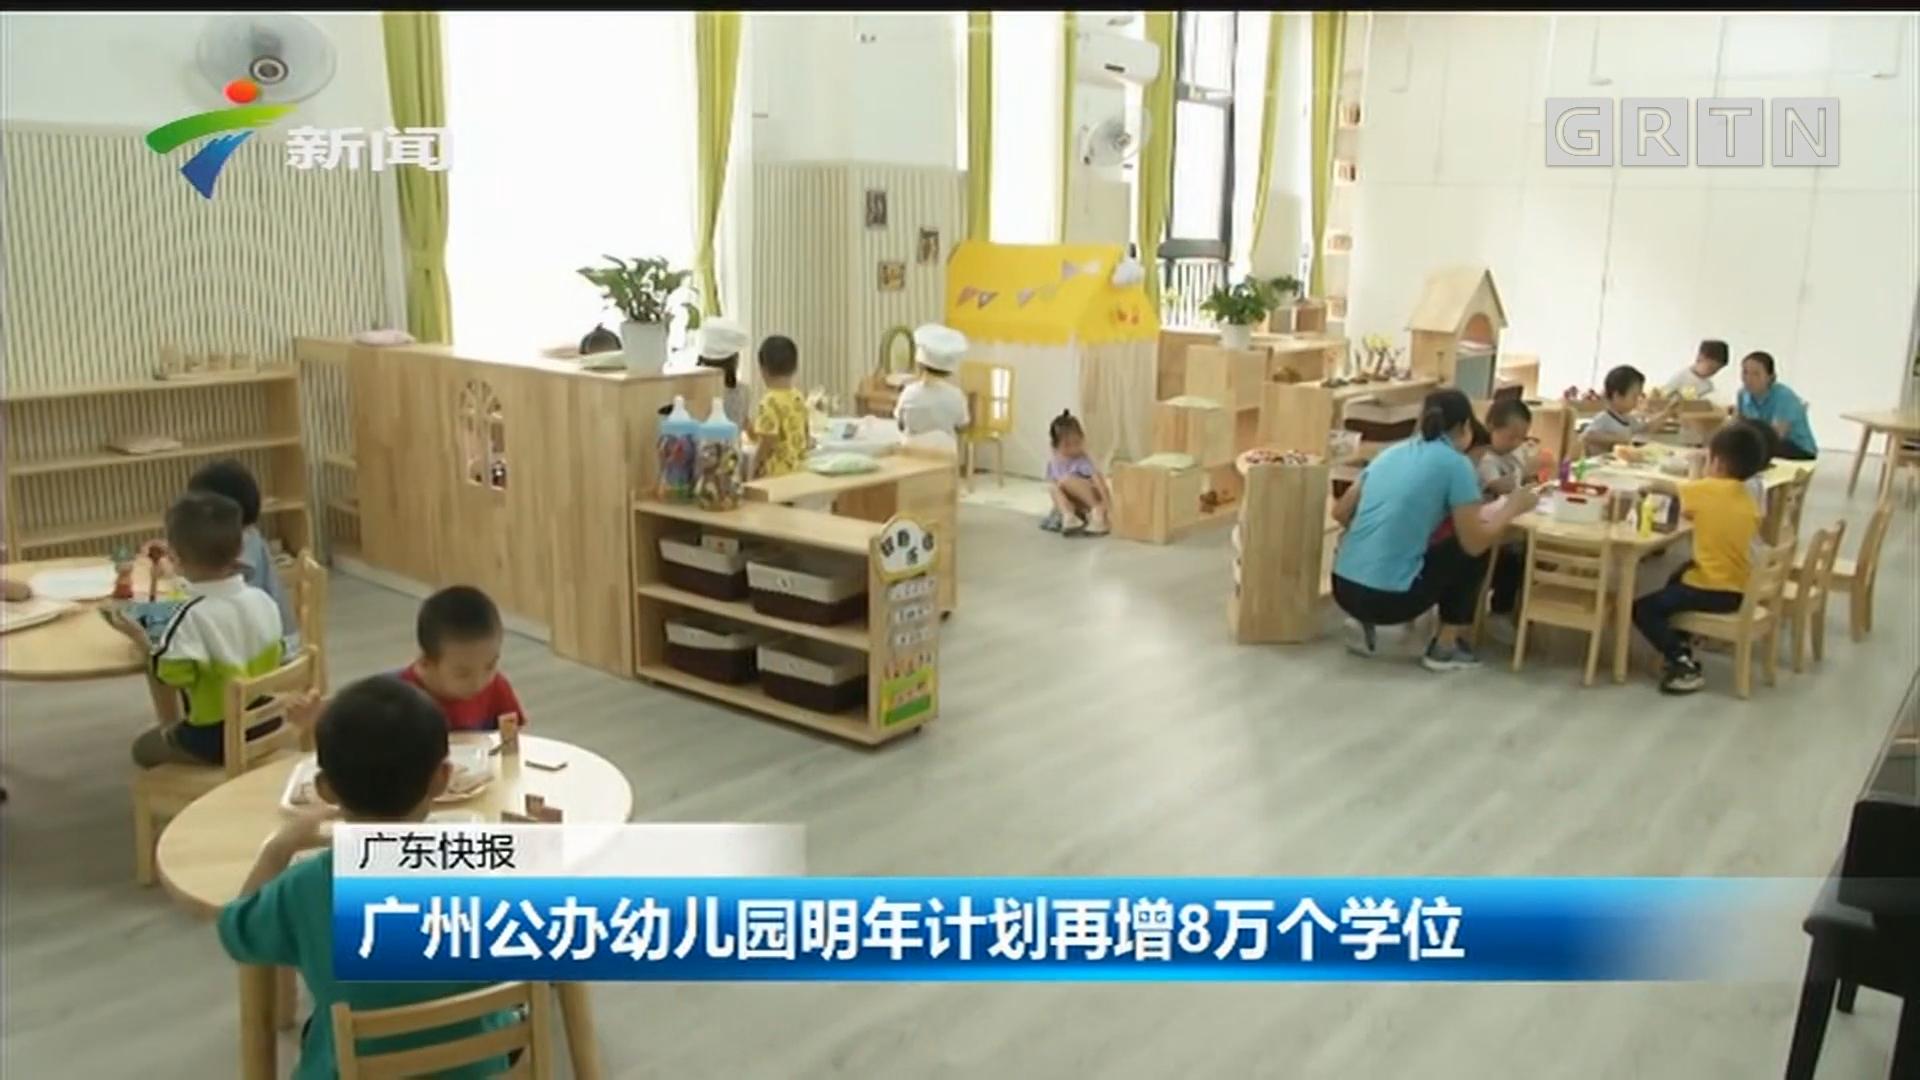 广州公办幼儿园明年计划再增8万个学位